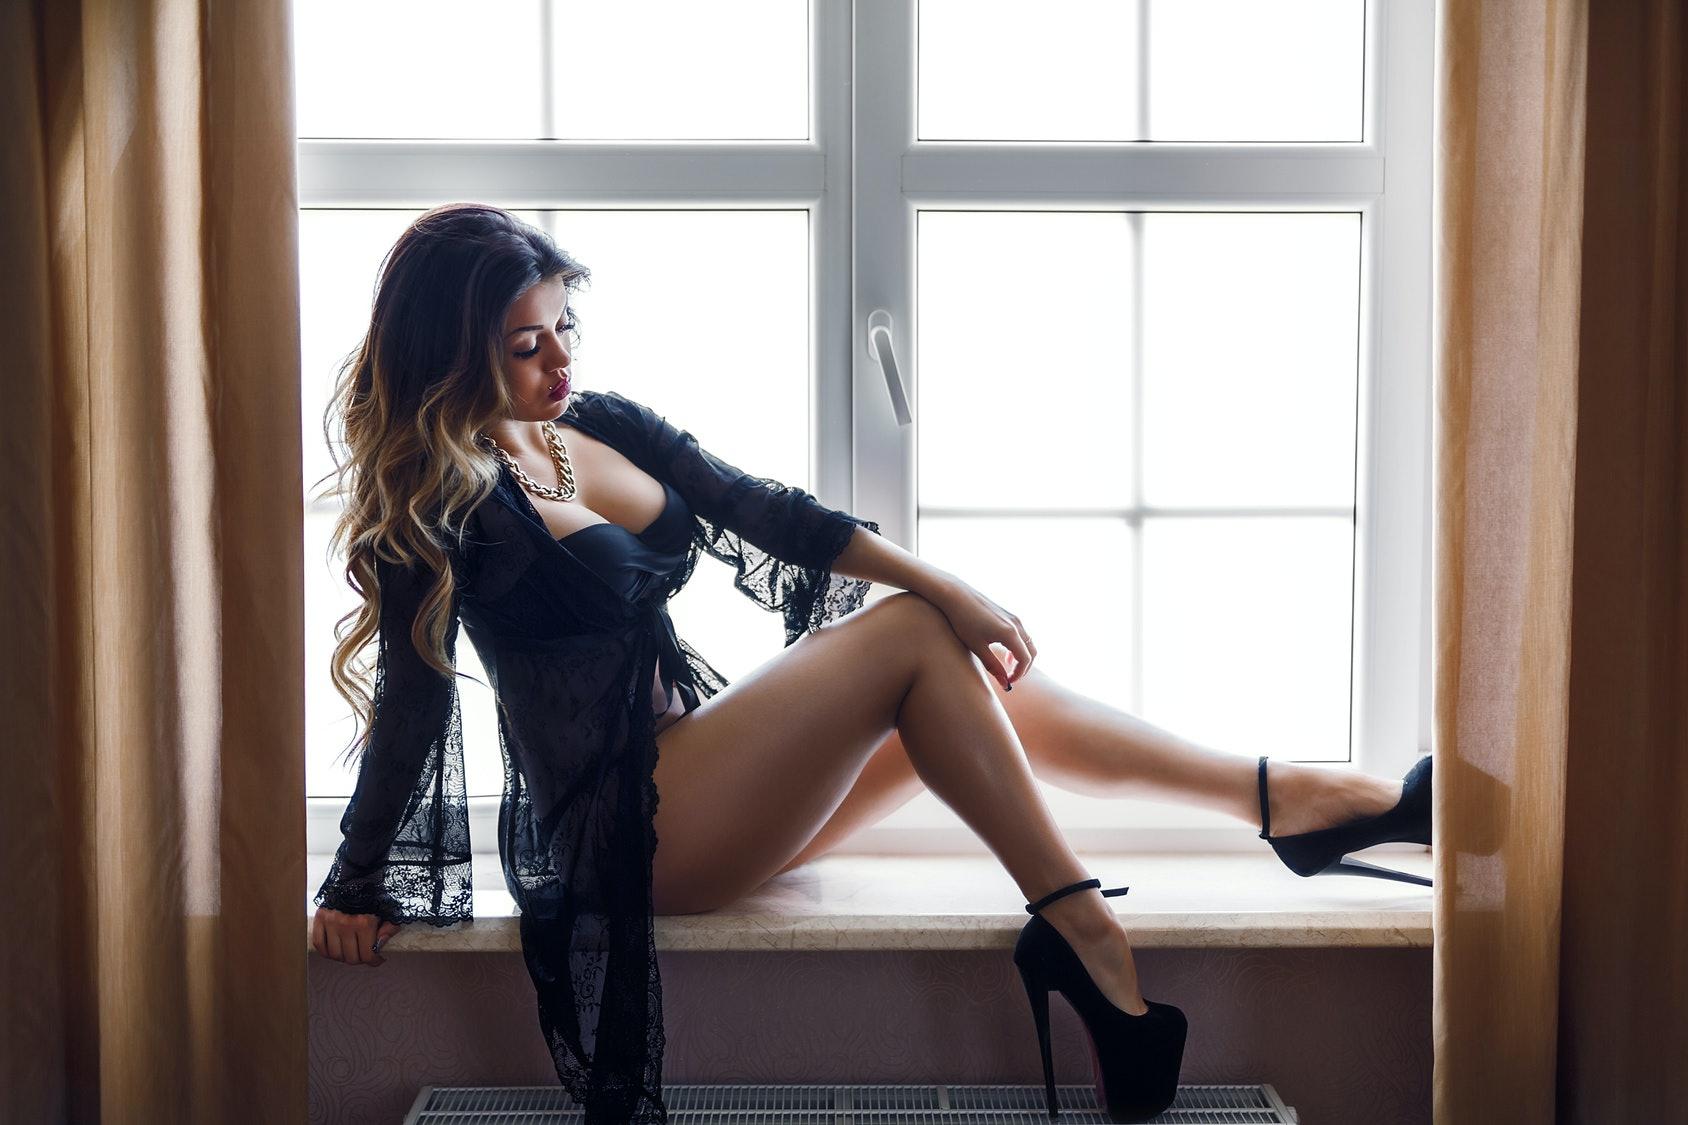 kiimainen nainen sex work suomi